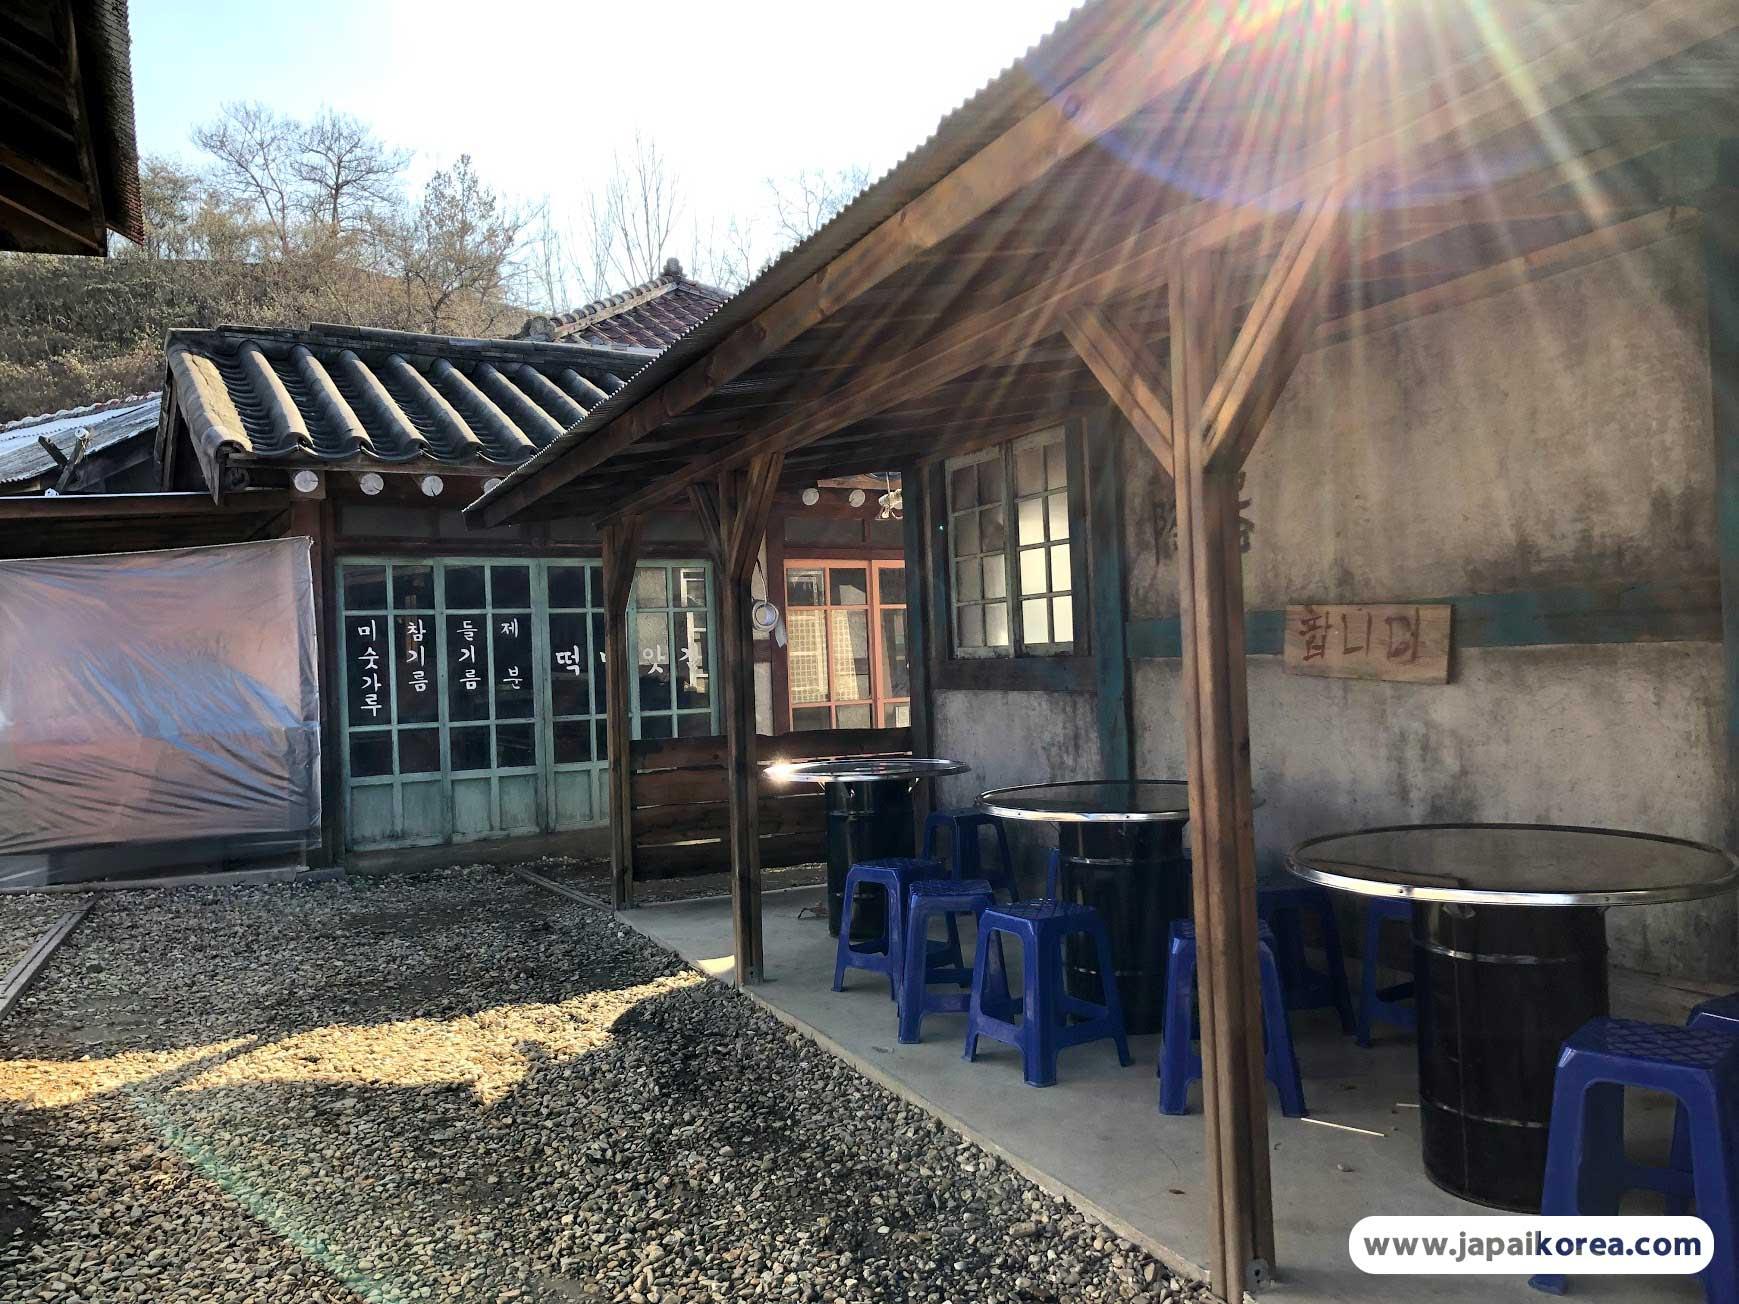 ร้านอาหาร ใน ซุนชอน